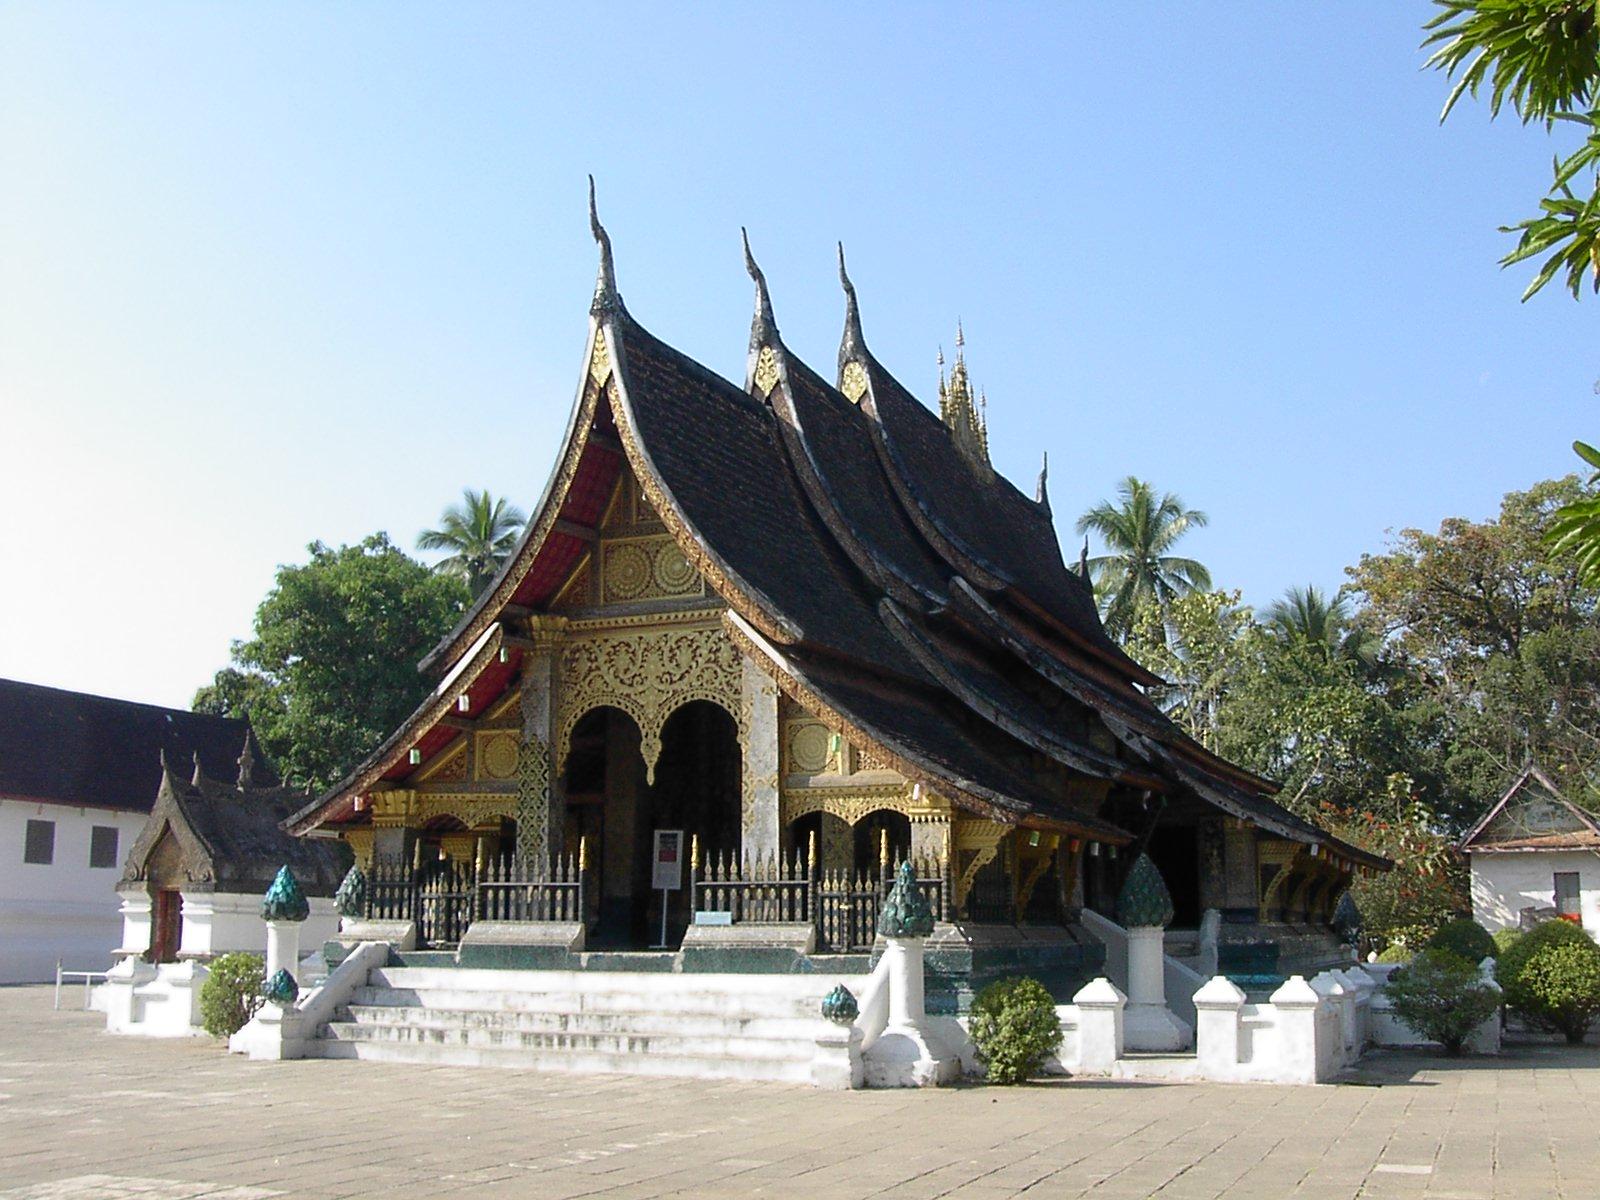 Wat Xieng Thong in Luang Prabang - Luang Prabang Attractions |Wat Xieng Thong Luang Prabang